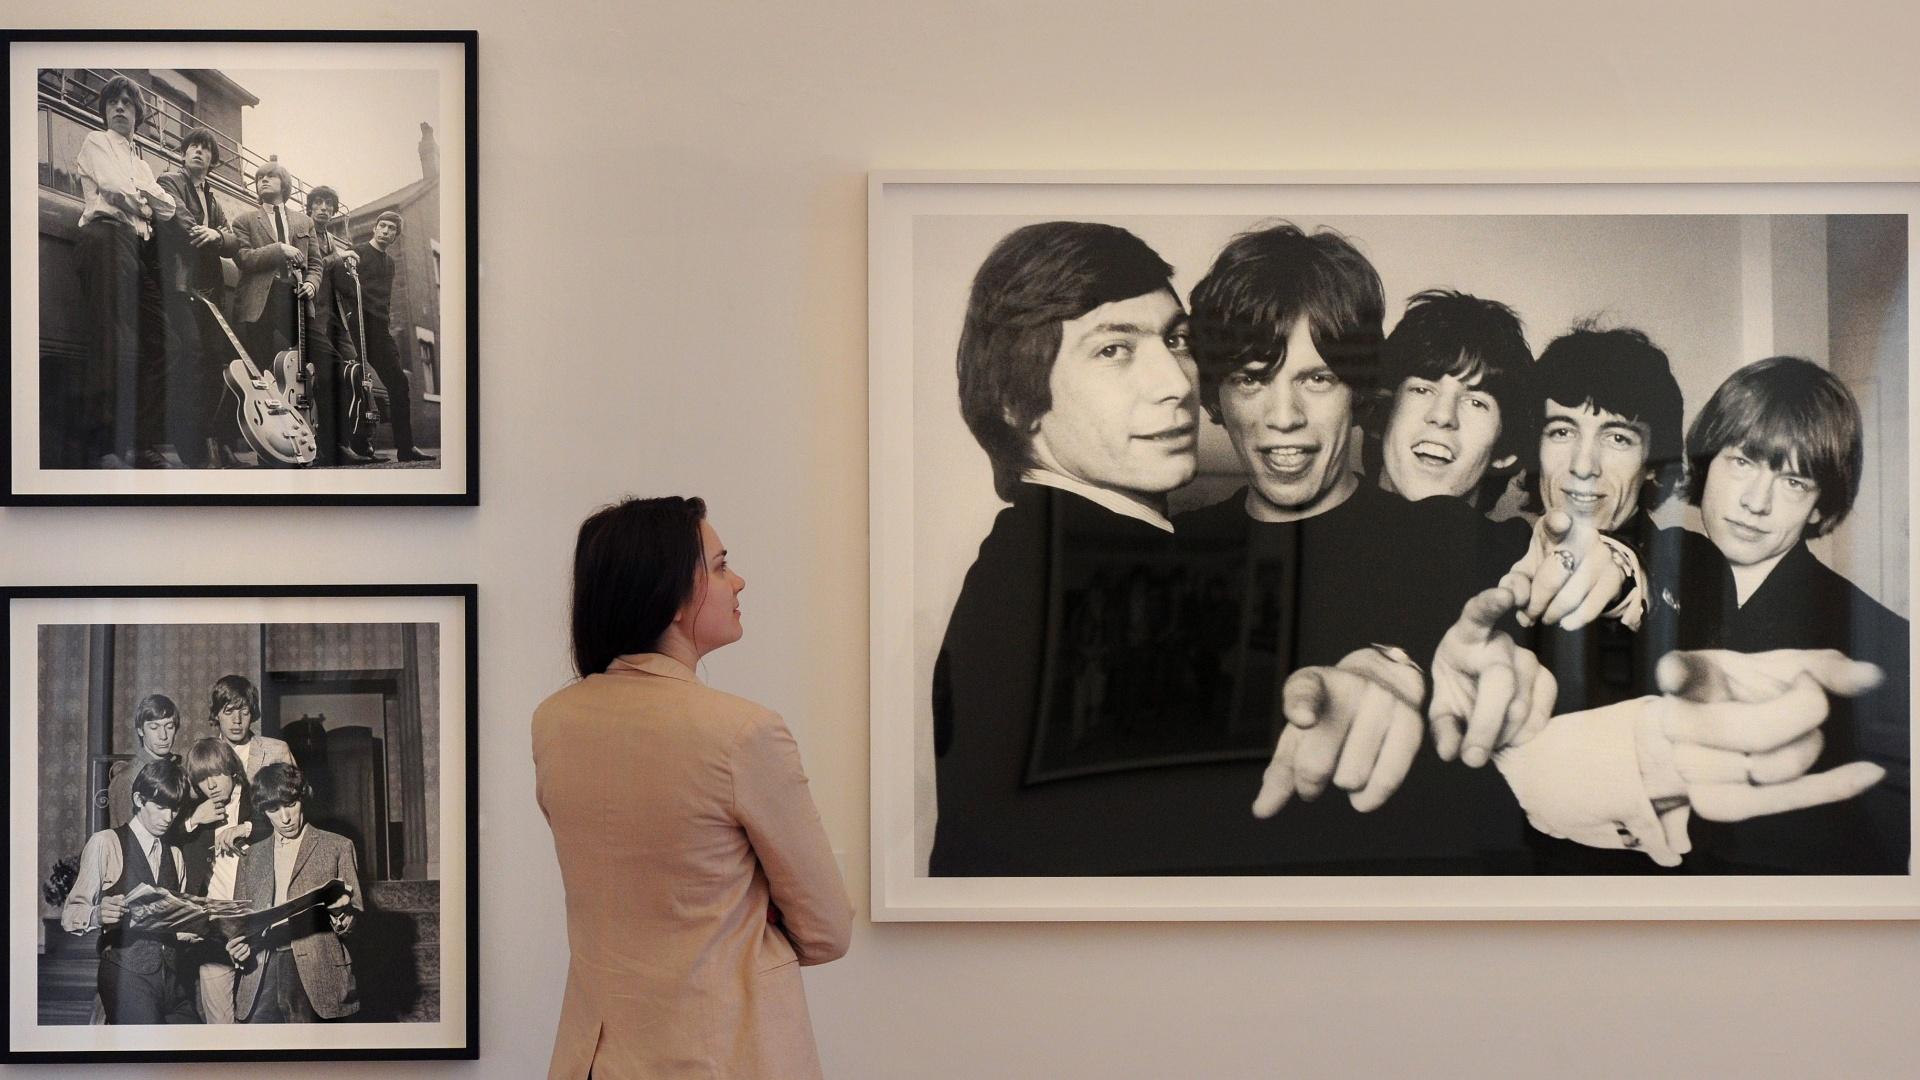 Mulher observa foto dos Rolling Stones na exposição